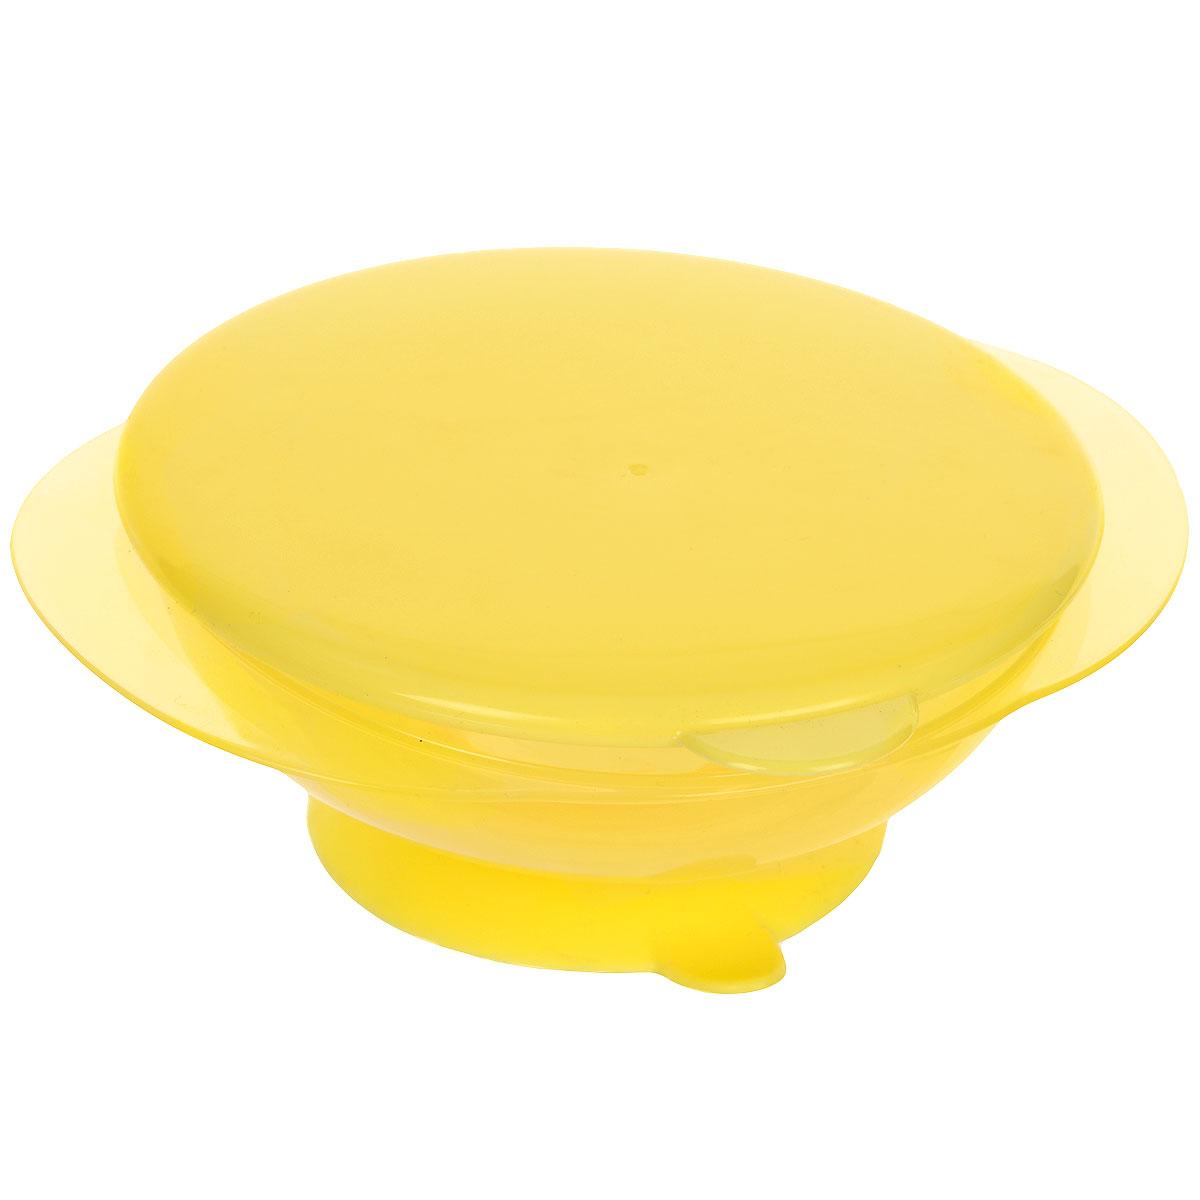 Тарелка на присоске Happy Baby, с крышкой, цвет: желтый115510Детская тарелочка Happy Baby с удобной присоской идеально подойдет для кормления малыша и самостоятельного приема им пищи.Тарелочка выполнена из безопасного прозрачного полипропилена, не содержащего Бисфенол А. Специальная резиновая присоска фиксирует тарелку на столе, благодаря чему она не упадет, еда не прольется, а ваш малыш будет доволен. В комплект к тарелке предусмотрена плотно закрывающаяся крышка, которая позволит сохранить остатки еды или будет полезна в дороге. Характеристики:Материал: полипропилен, термопластичный эластомер. Рекомендуемый возраст: от 8 месяцев. Размер тарелки: 16,5 см х 14 см х 6 см. Диаметр присоски: 8 см.